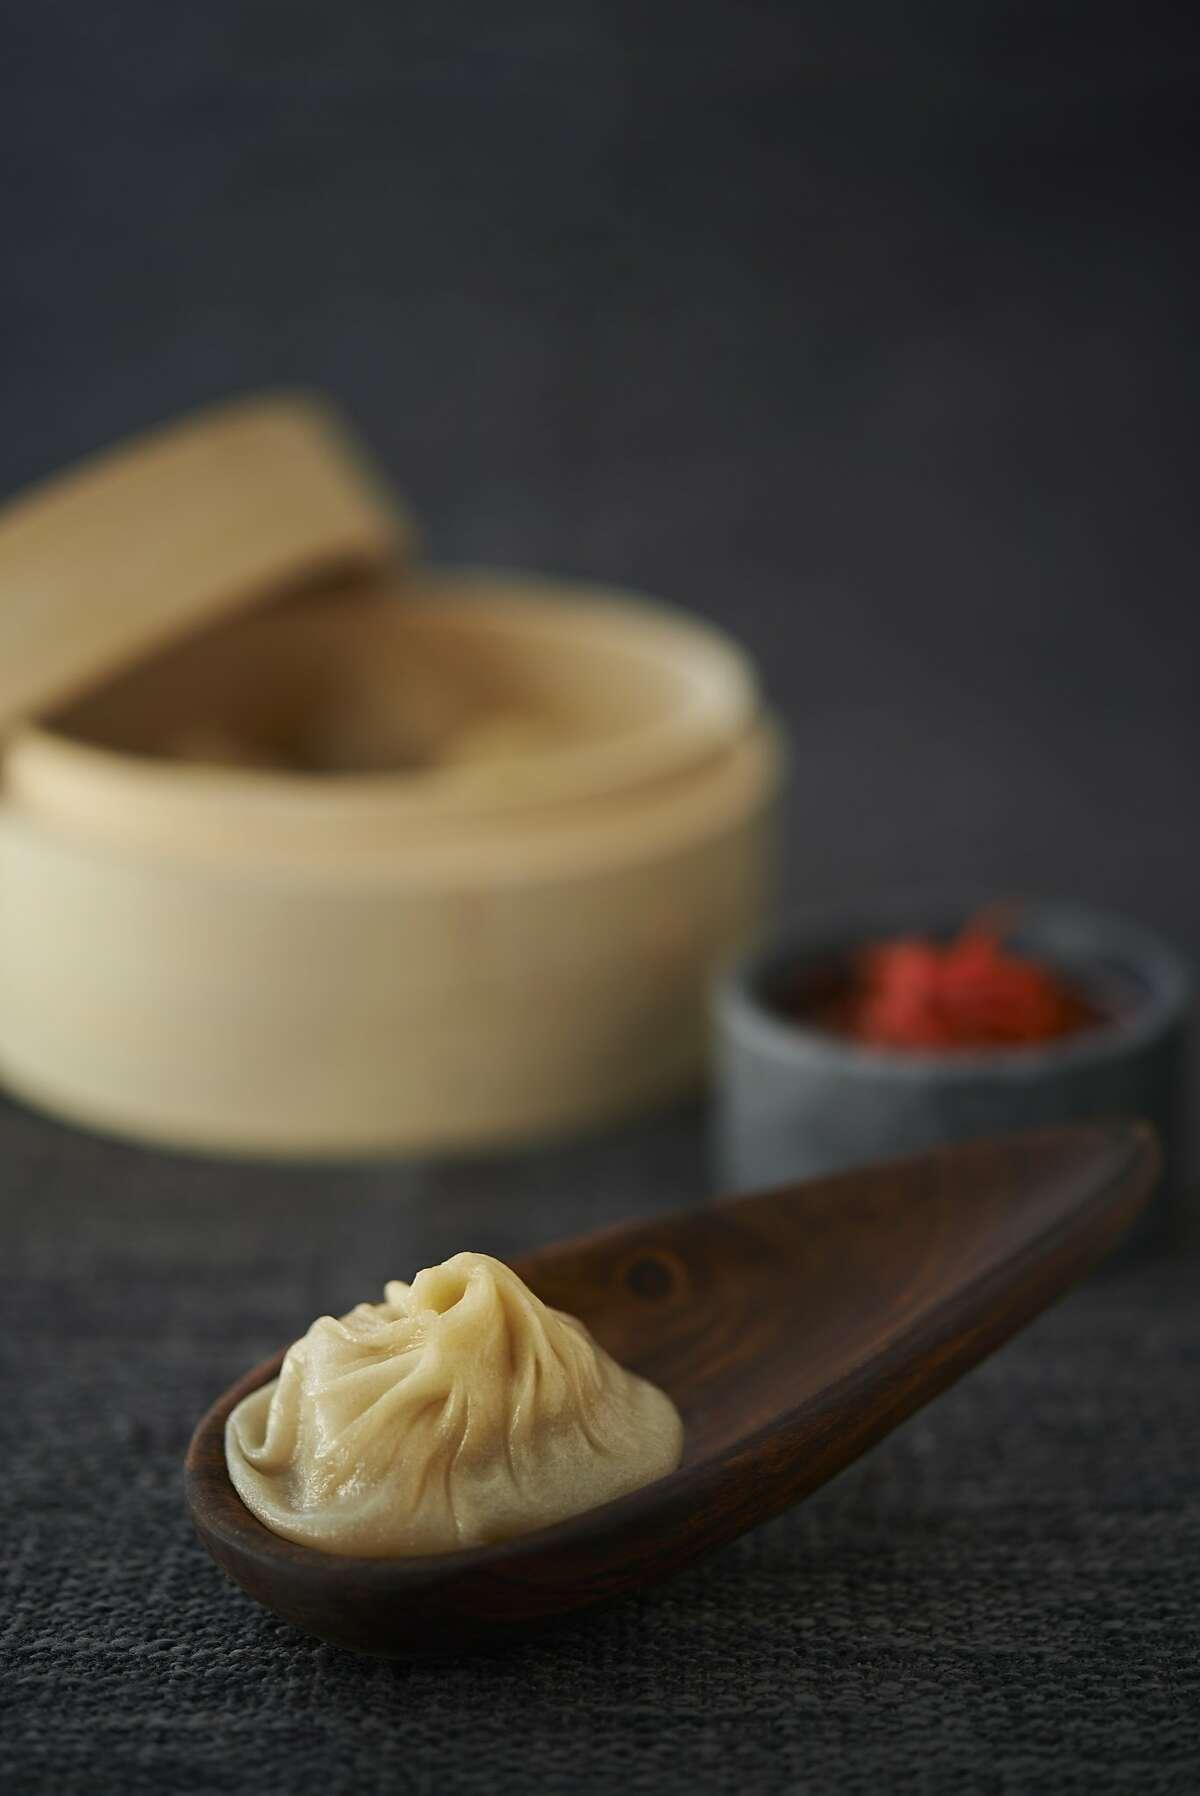 Soup dumplings from Yank Sing.